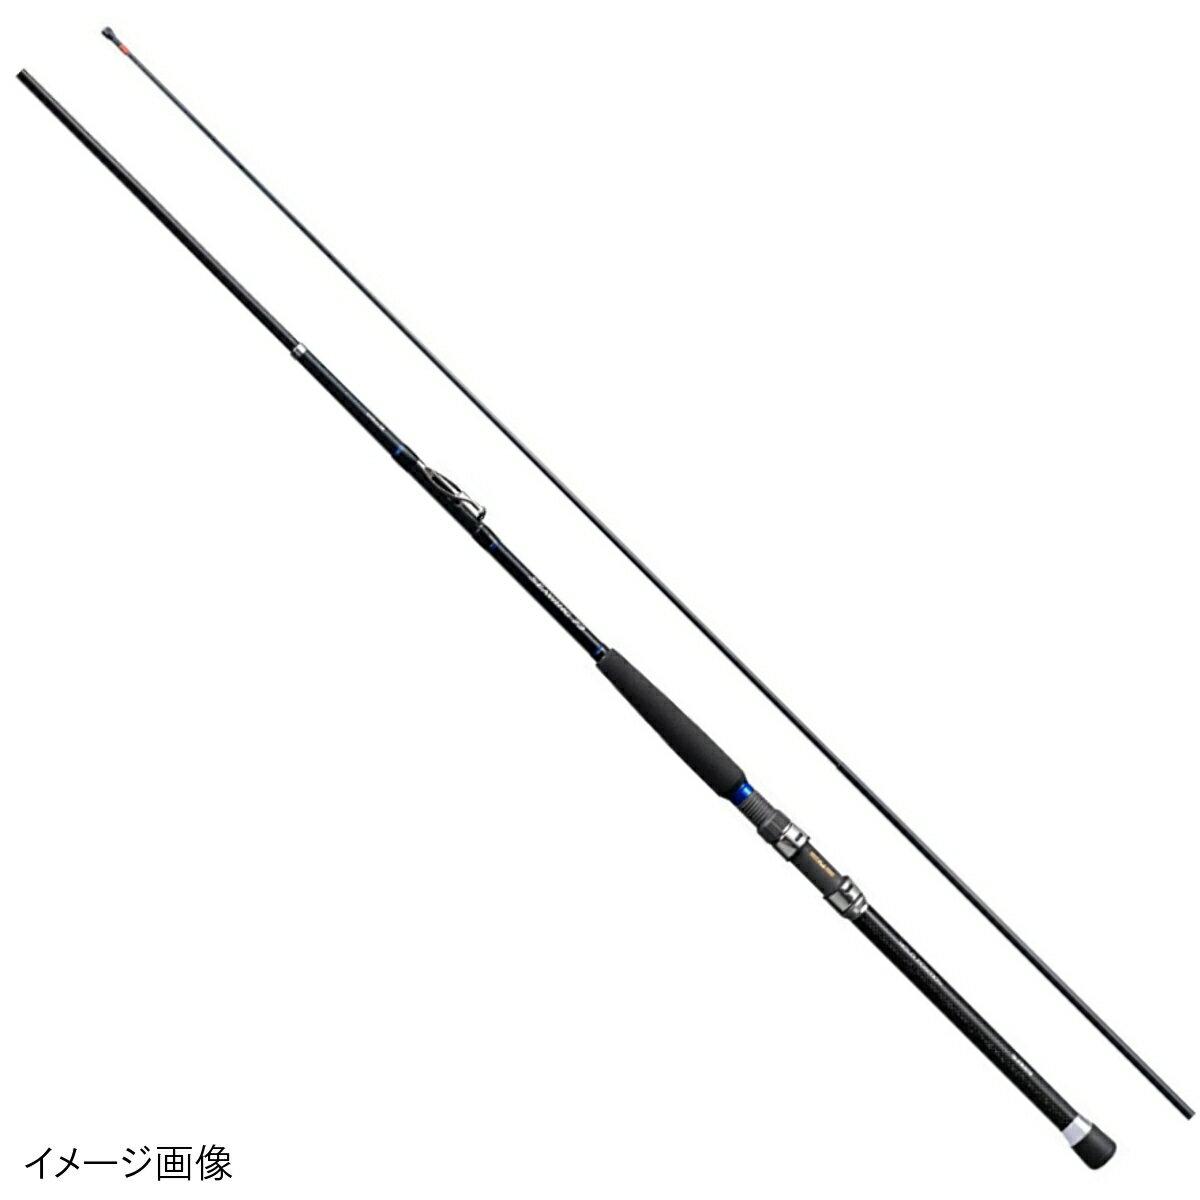 シマノ シーウイング73 80-270T3【送料無料】